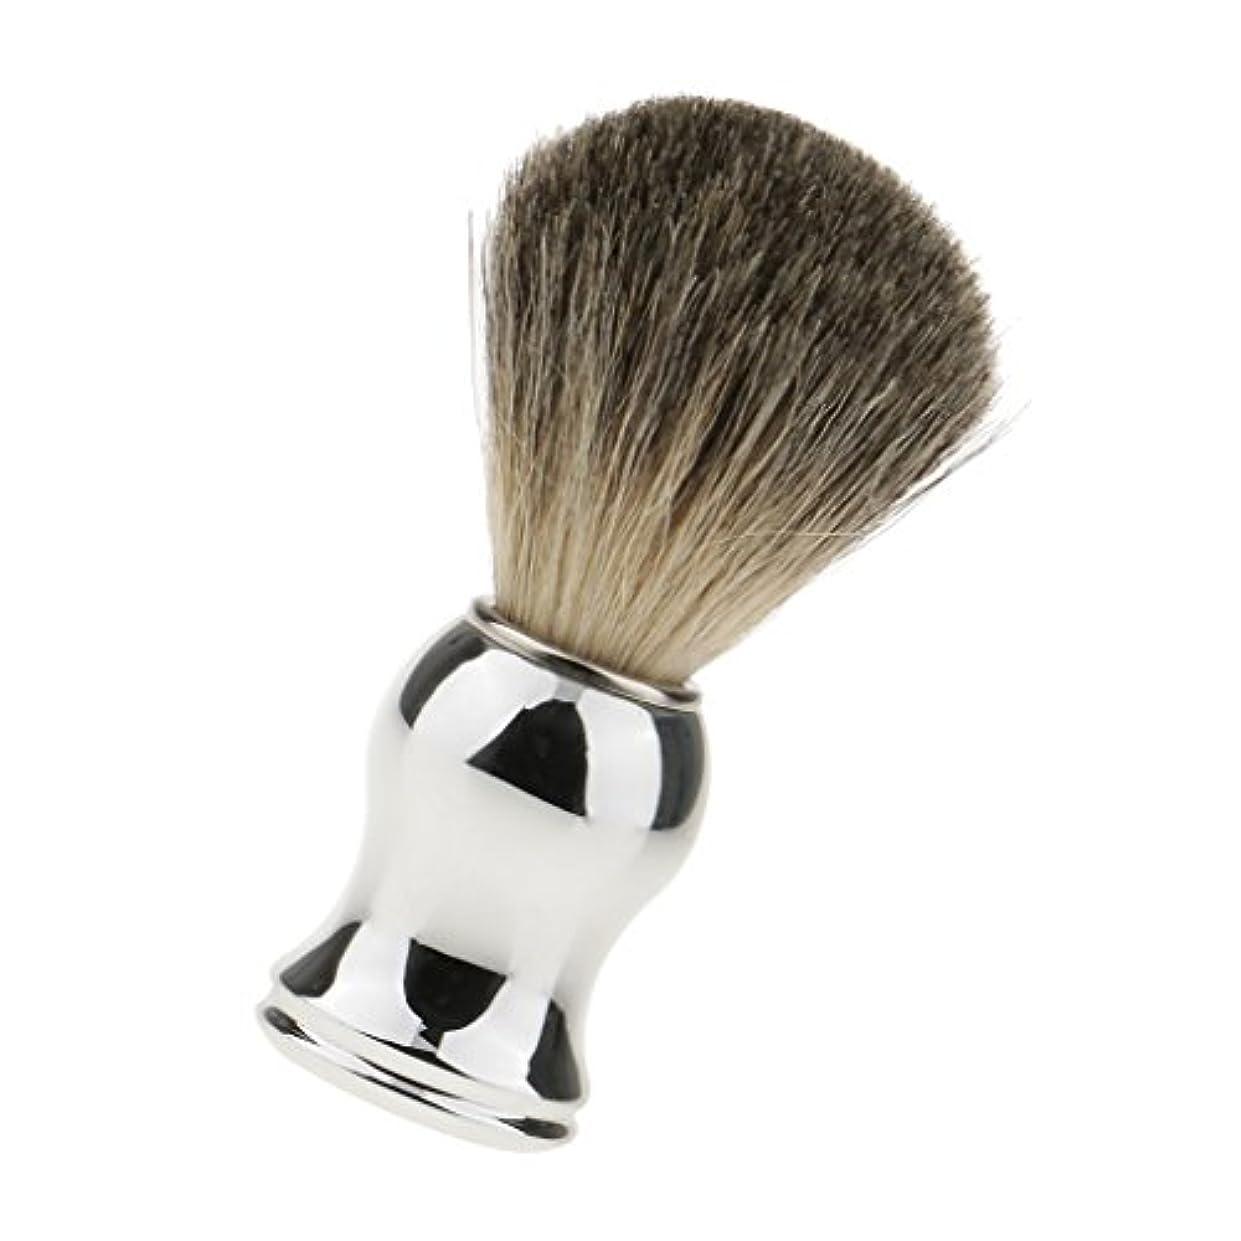 炭水化物浸したボーカルシェービング用ブラシ 人工毛 メンズ 理容 洗顔 髭剃り 泡立ち 11.2cm 全2色 - シルバーハンドル